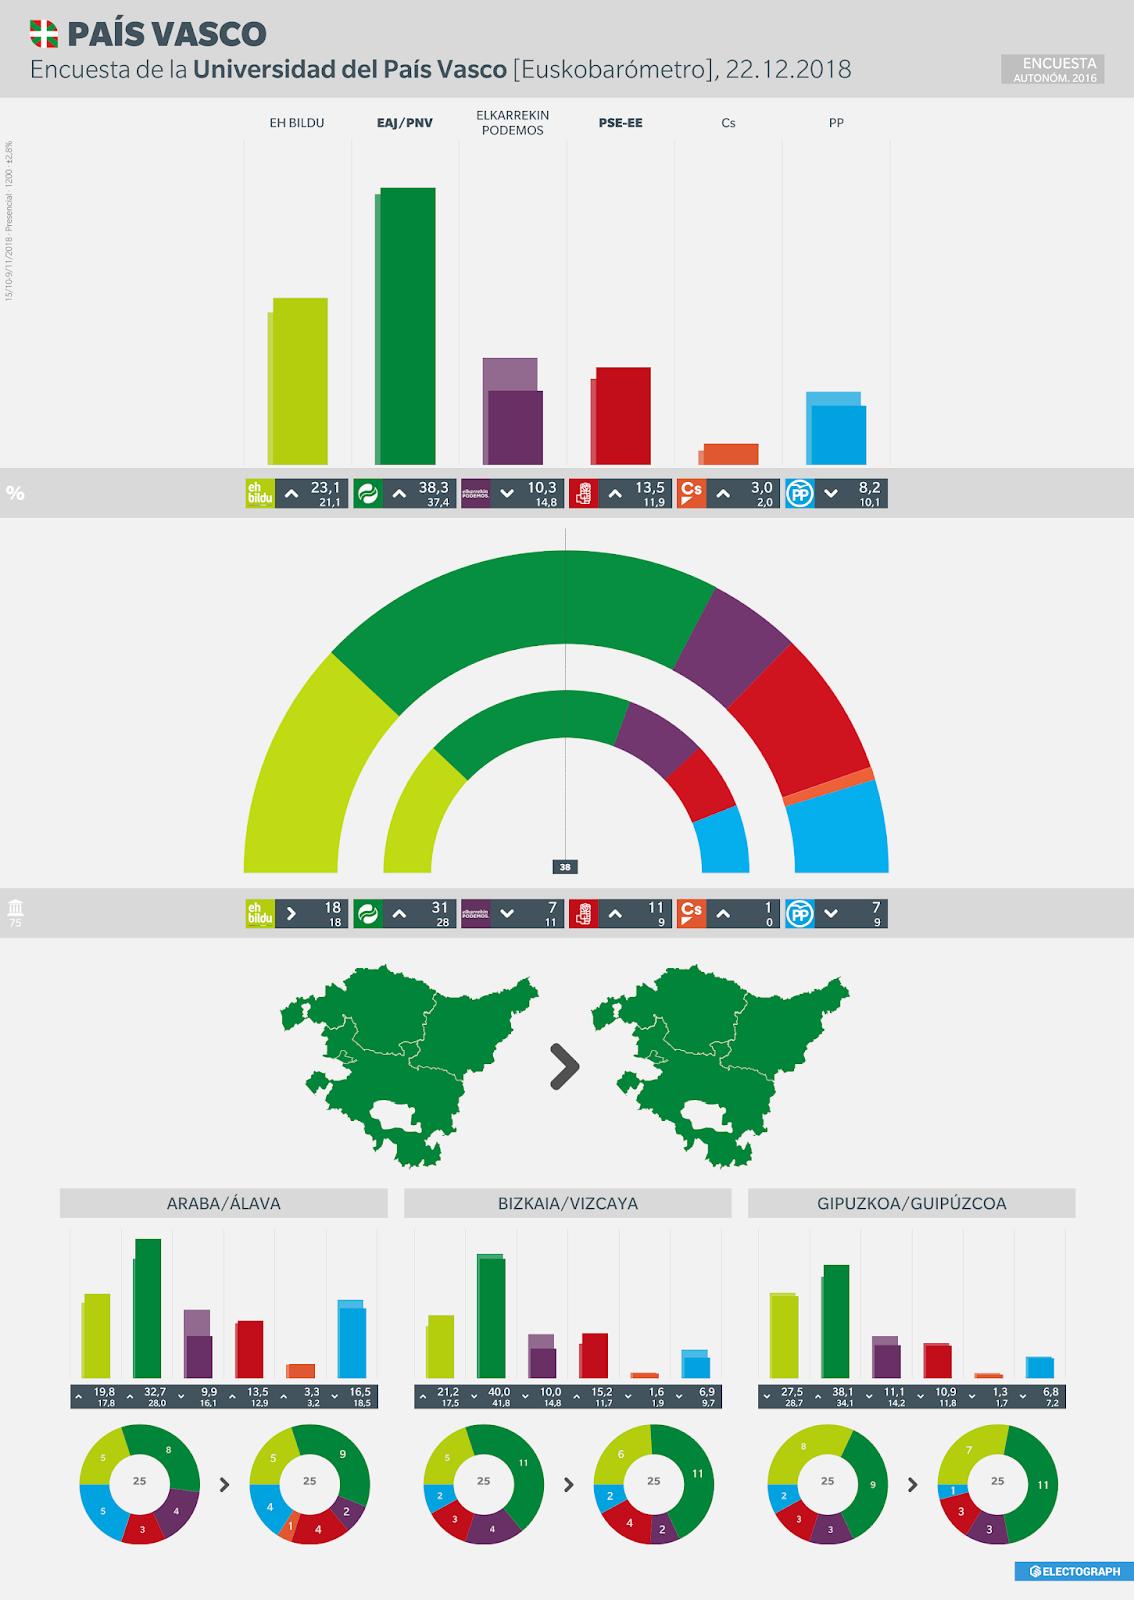 Gráfico de la encuesta para elecciones autonómicas en el País Vasco realizada por la Universidad del País Vasco [Euskobarómetro], 22 de diciembre de 2018